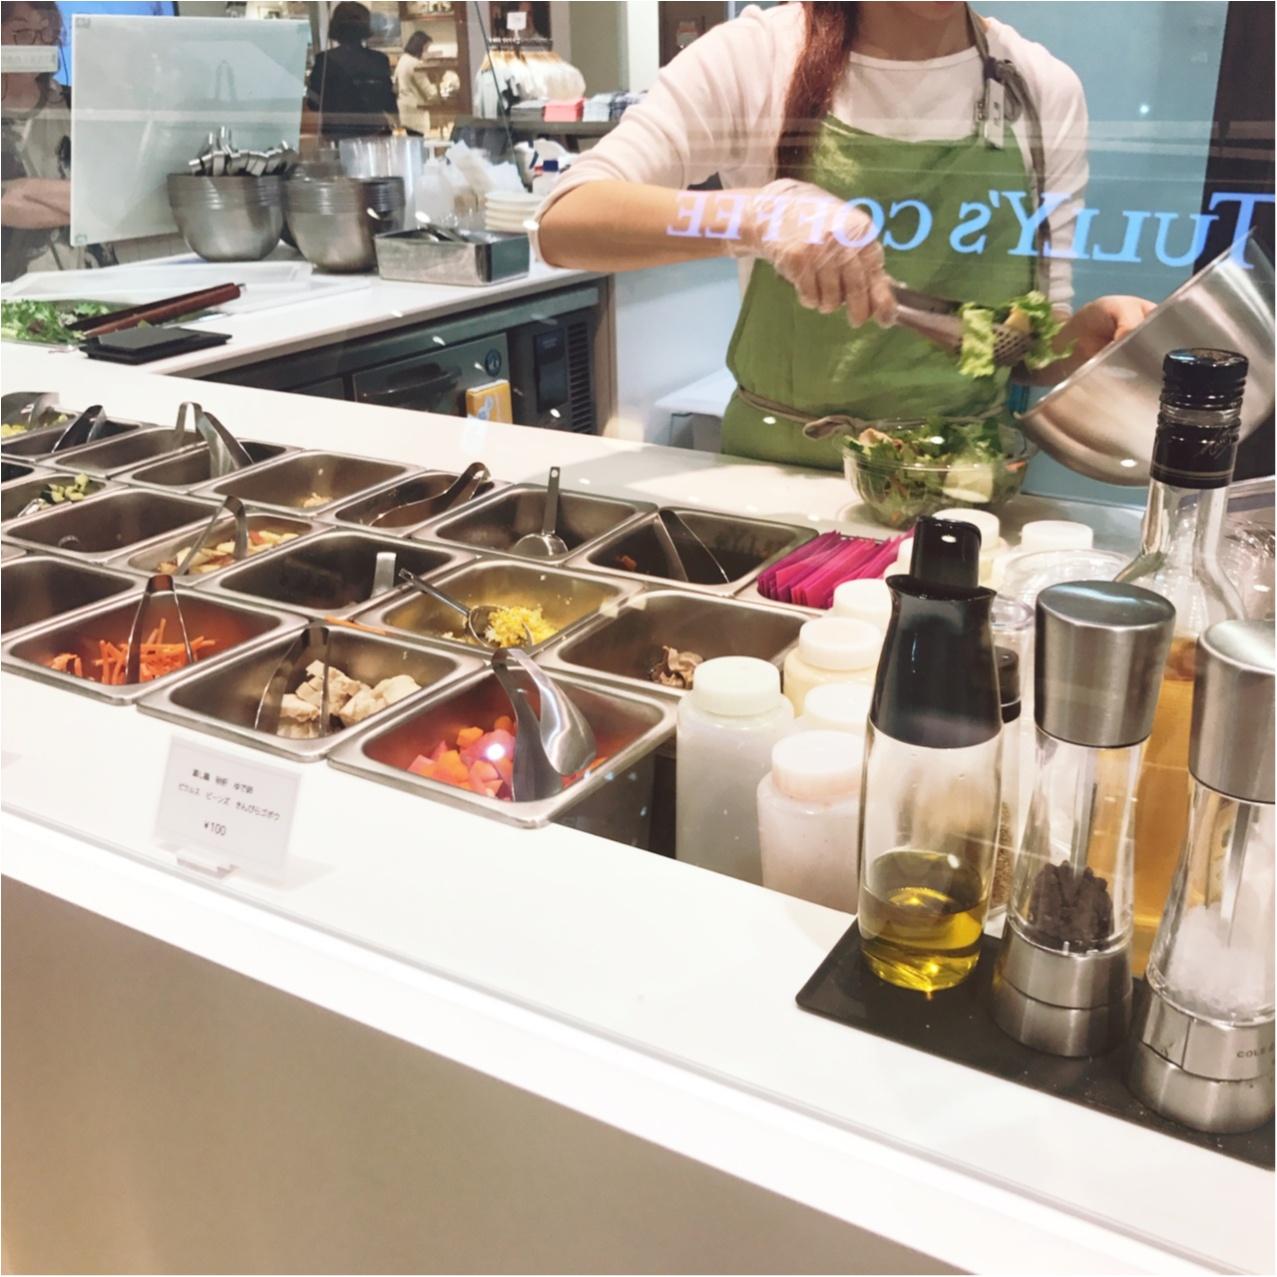 野菜足りてる?サラダボウル専門店《With Green》でキレイになれるサラダランチ♡_3